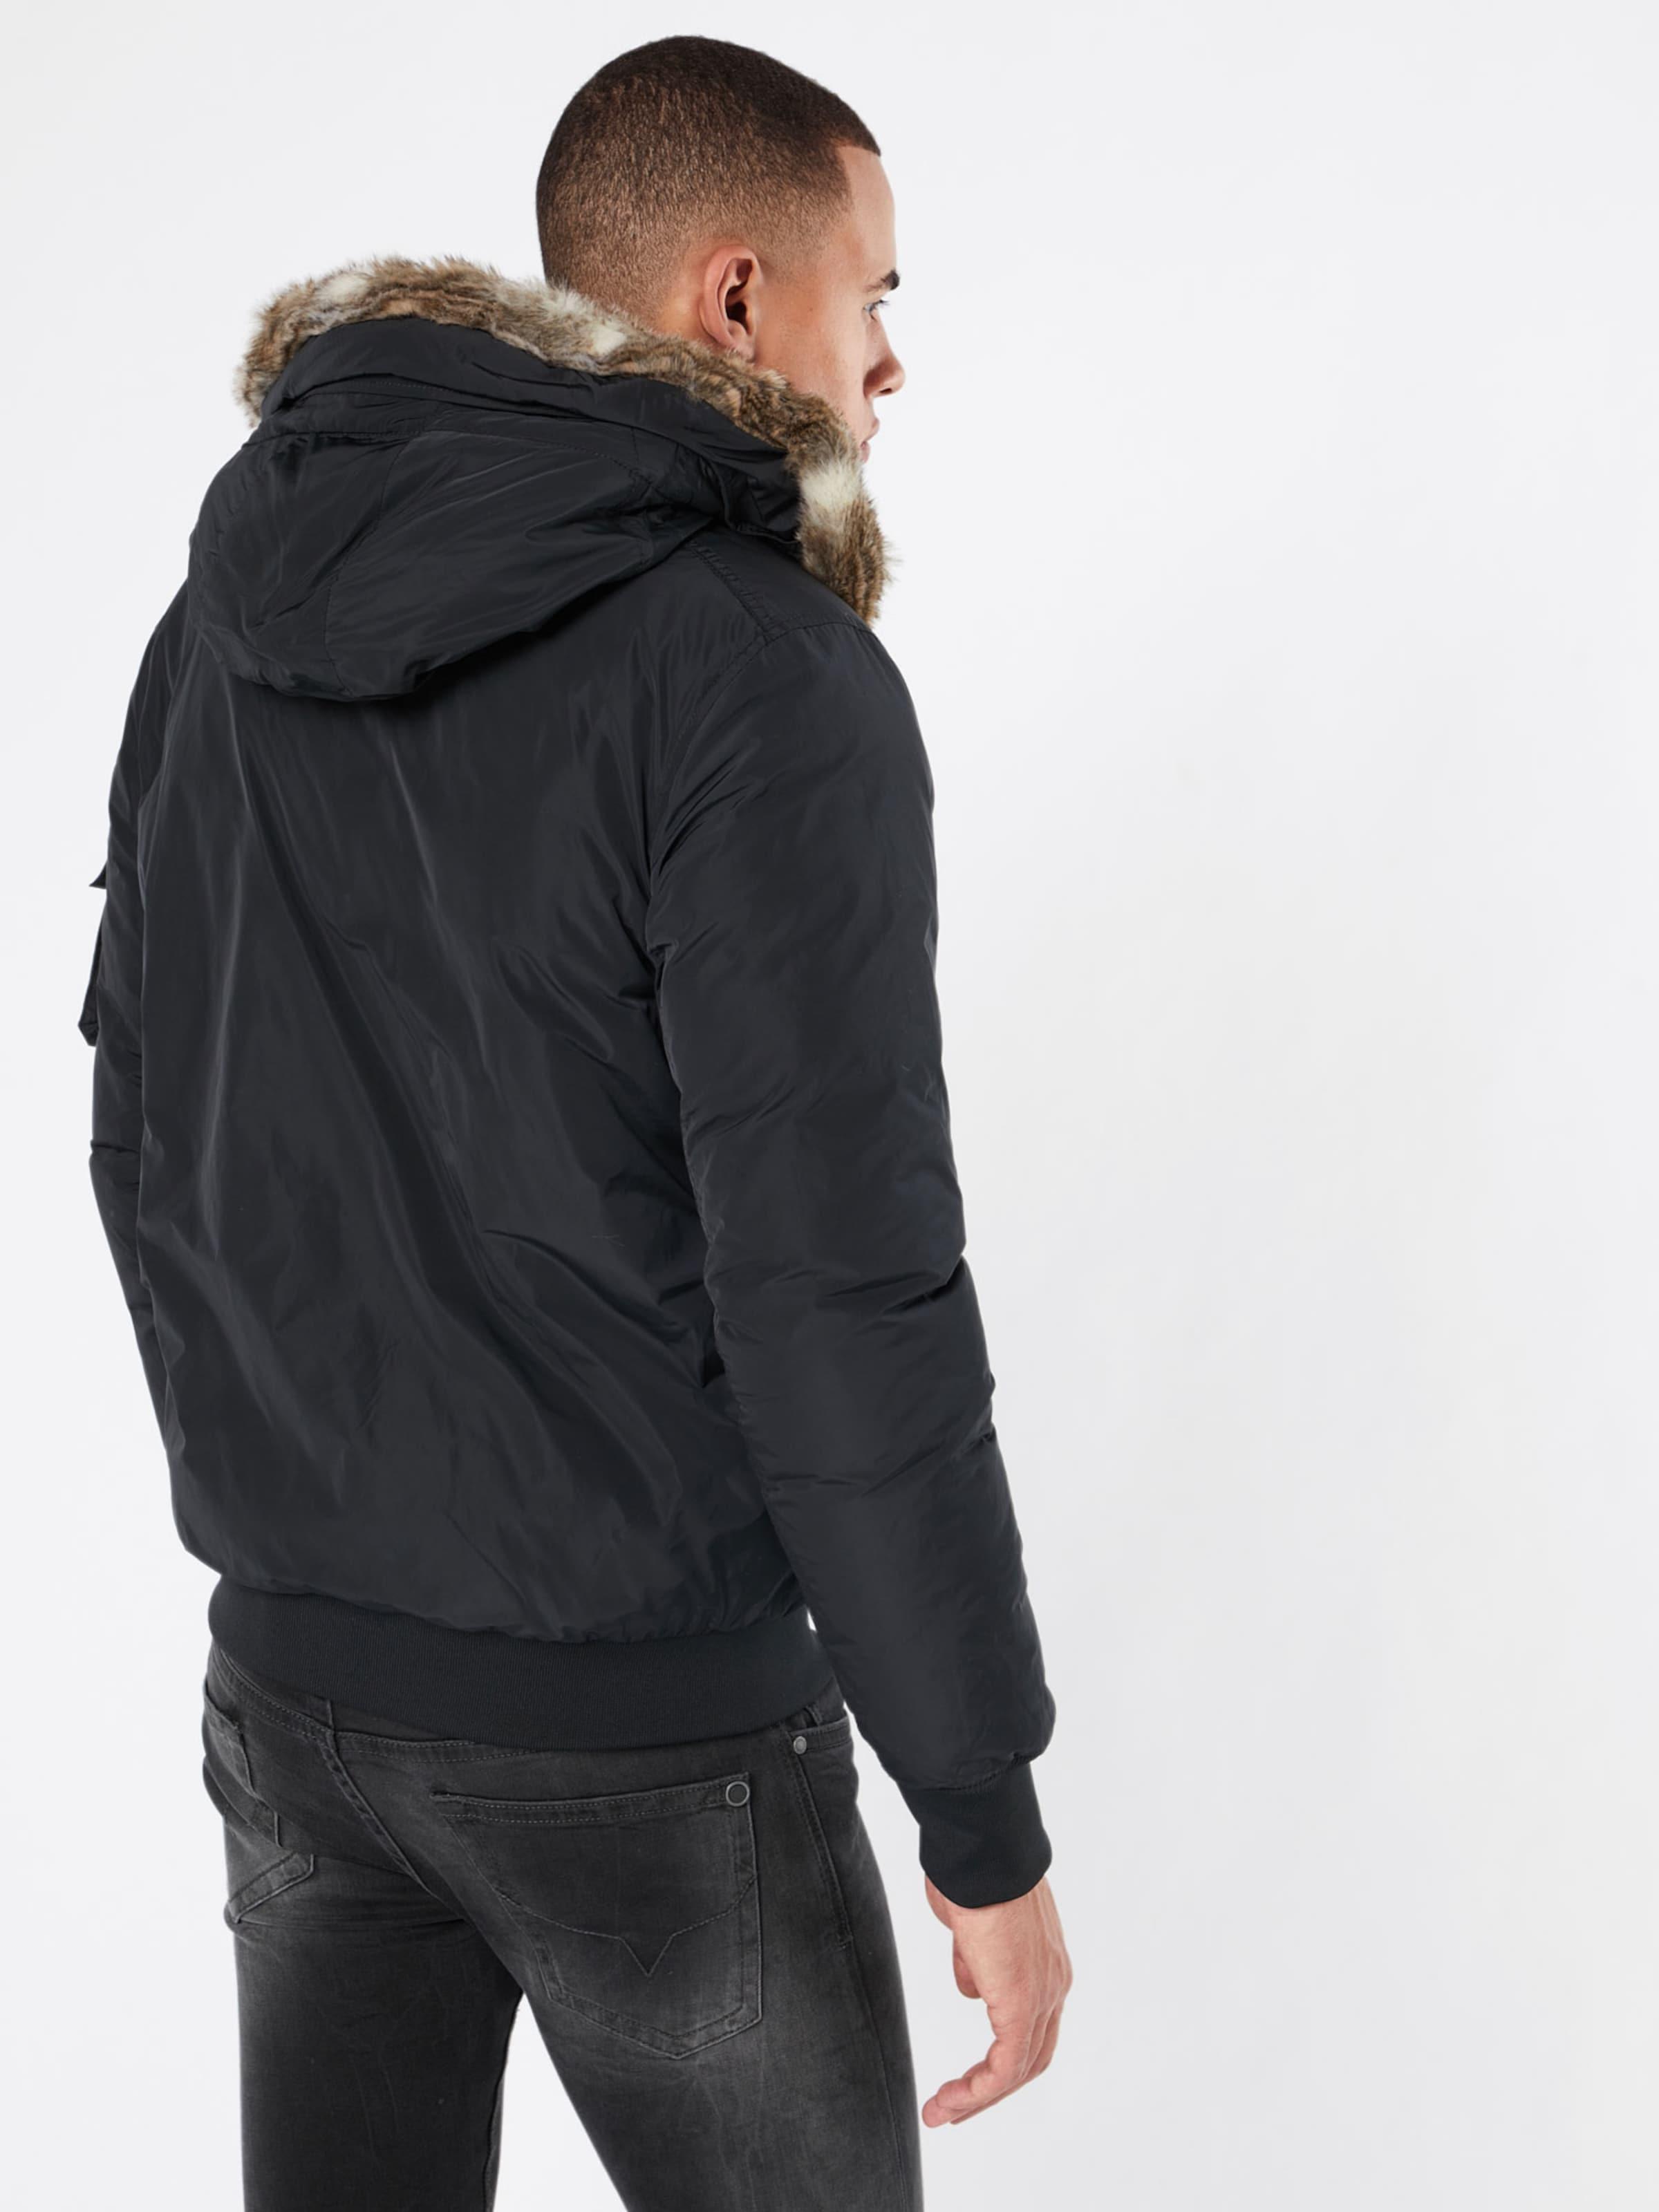 Outlet-Store BENCH Winterjacke 'NOMENS' Einkaufen Wiki Günstiger Preis qdR9x